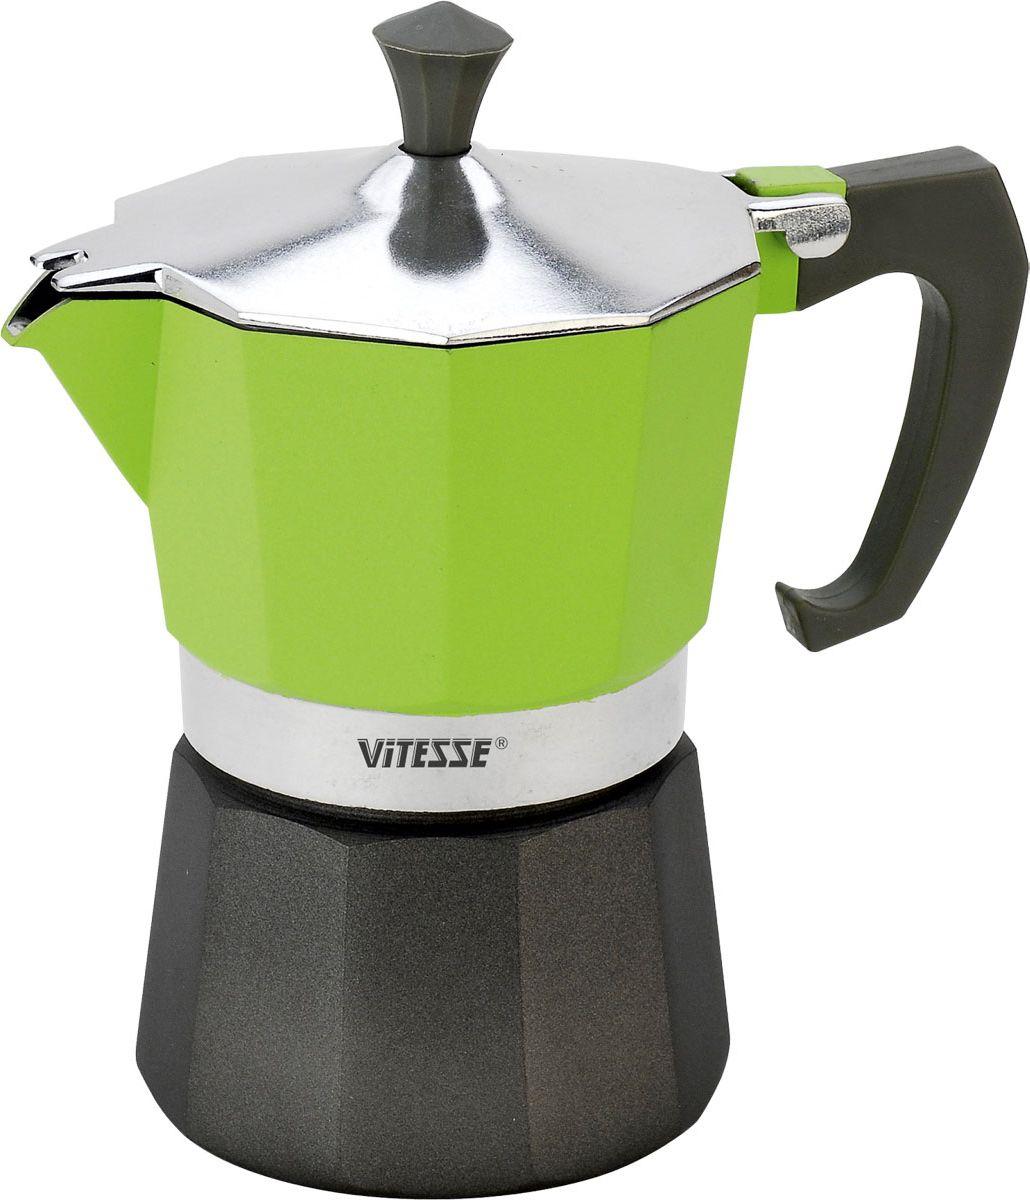 Кофеварка-эспрессо Vitesse на 3 чашки, цвет: зеленый115510Теперь и дома вы сможете насладиться великолепным эспрессо благодаря кофеварке Vitesse, которая позволит вам приготовить ароматный напиток на 3 персоны. Новый стильный дизайн компактной кофеварки станет ярким элементом интерьера вашего дома!Корпус кофеварки изготовлен из высококачественного алюминия, ручка - жаропрочная бакелитовая. Кофеварка состоит из двух соединенных между собой емкостей. В нижнюю емкость наливается вода, в эту же емкость устанавливается фильтр-сифон, в который засыпается кофе. К нижней емкости прикручивается верхняя емкость, после чего кофеварка ставится на электроплитку, и через несколько минут кофе начинает брызгать в верхний контейнер и осаждаться. Кофе получается крепкий и насыщенный.Инструкция по эксплуатации кофеварки прилагается. Можно мыть в посудомоечной машине. Характеристики:Материал:высококачественный алюминий, пластик. Высота кофеварки:15,5 см. Диаметр кофеварки по верхнему краю:8,5 см. Диаметр основания:9 см.Рабочий объем: 105 мл.Размер упаковки:16,5 см х 13,5 см х 10 см.Изготовитель:Китай. Артикул:VS-2604. Посуда Vitesse обладает выдающимися функциональными свойствами. Легкие в уходе кастрюли и сковородки имеют плотно закрывающиеся крышки, которые дают возможность готовить с малым количеством воды и экономией энергии, и идеально подходят для всех видов плит: газовых, электрических, стеклокерамических и индукционных. Конструкция дна посуды гарантирует быстрое поглощение тепла, его равномерное распределение и сохранение. Великолепно отполированная поверхность, а также многочисленные конструктивные новшества, заложенные во все изделия Vitesse, позволит Вам открыть новые горизонты приготовления уже знакомых блюд. Для производства посуды Vitesseиспользуются только высококачественные материалы, которые соответствуют международным стандартам.